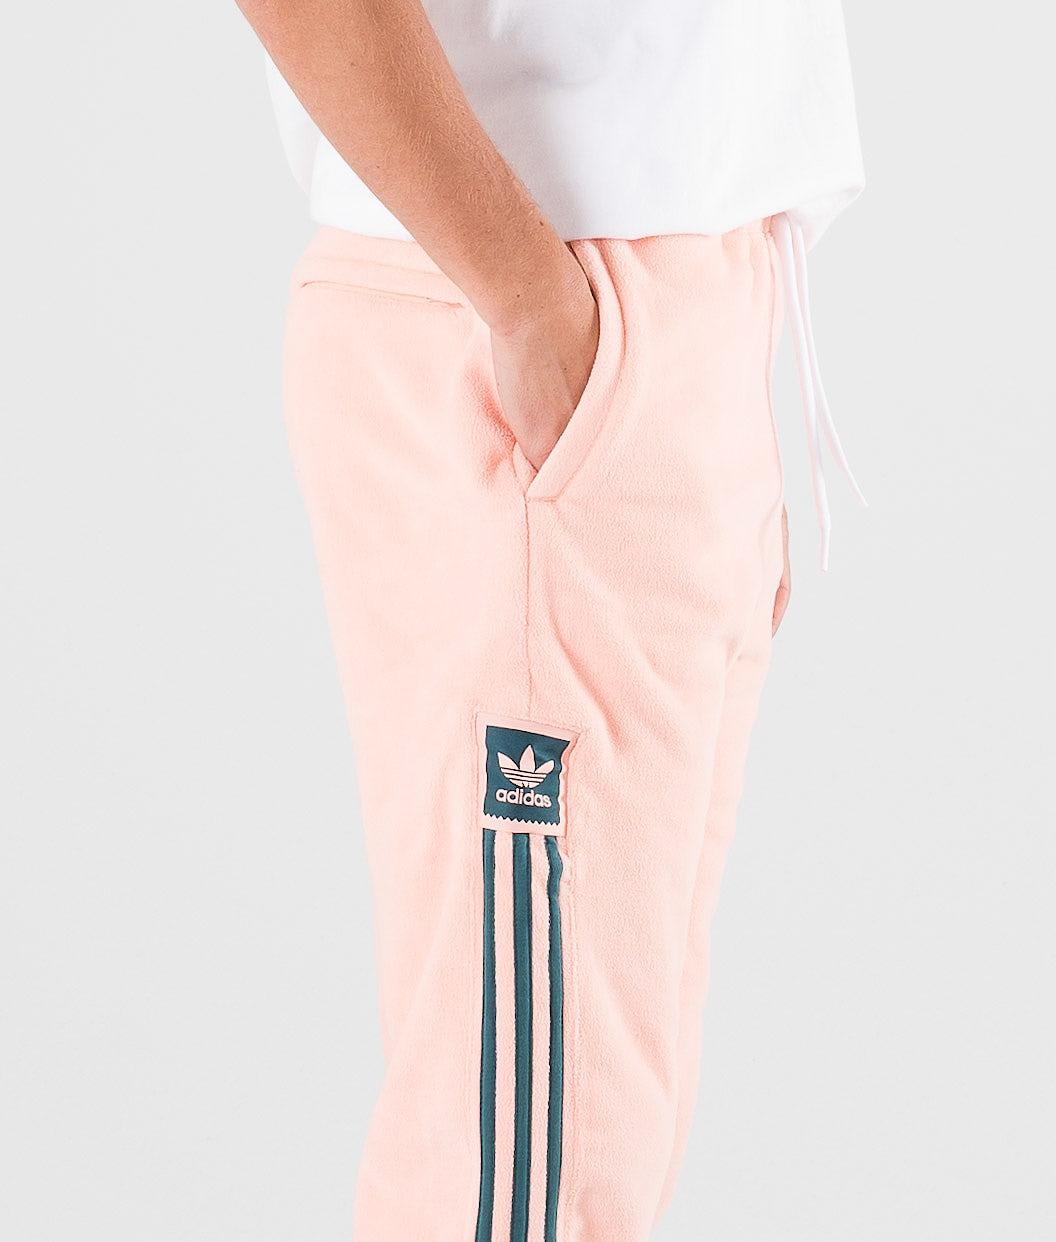 Adidas Skateboarding Grid Bukser Glow Pink/Viridian